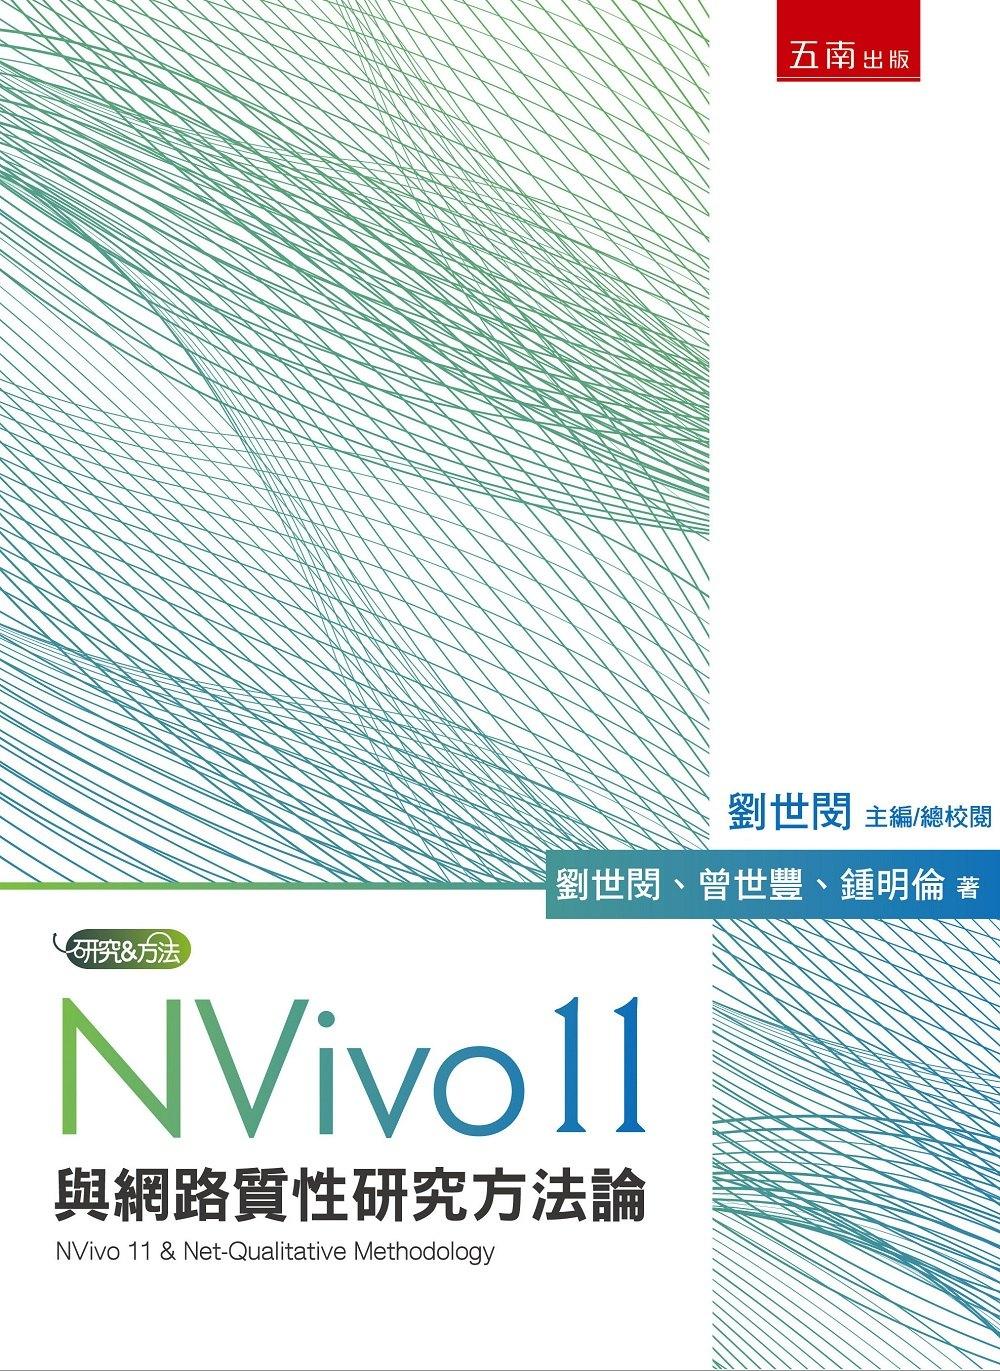 NVivo 11與網路質性研究方法論